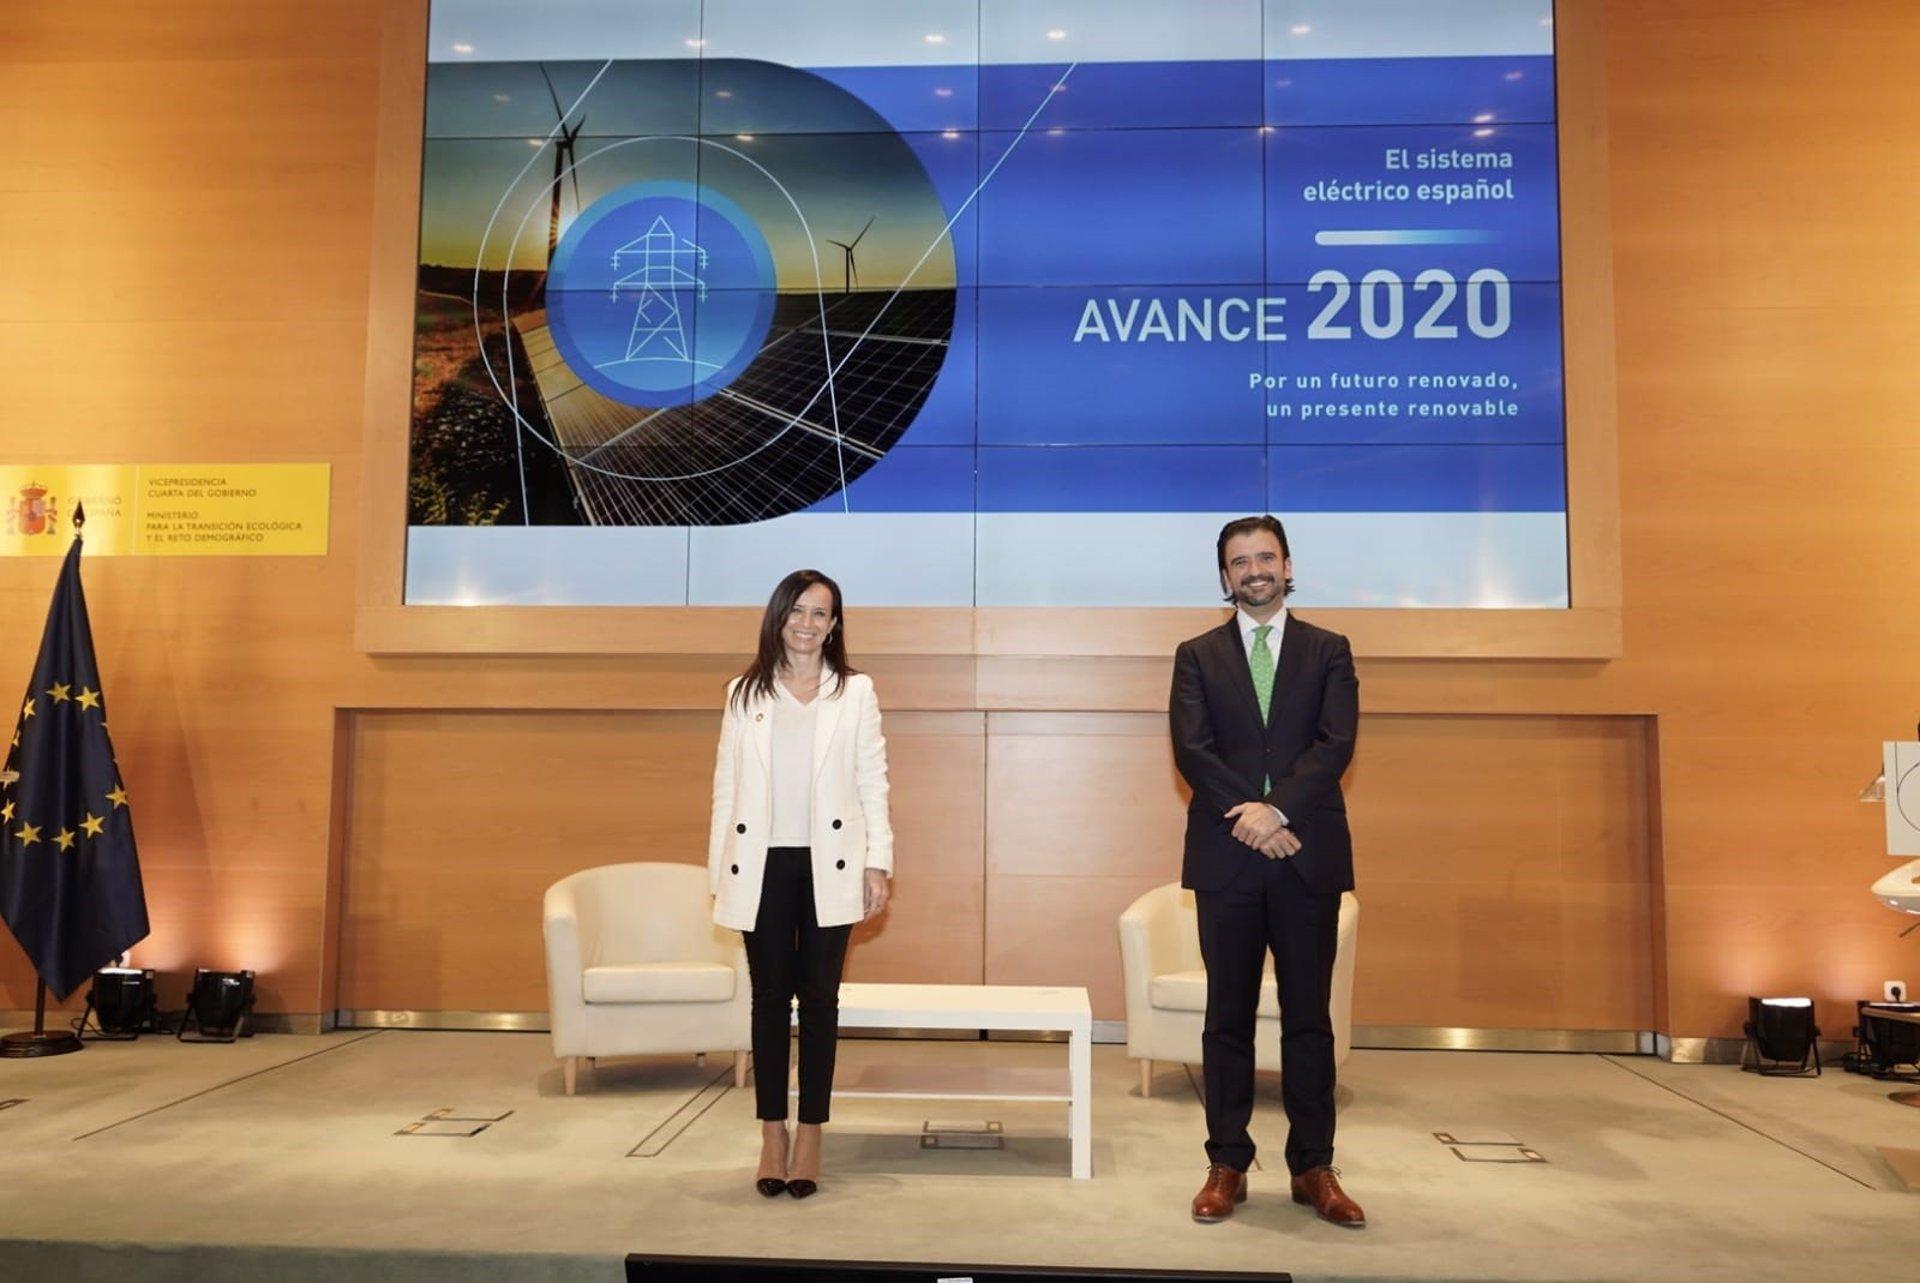 Andalucía es la segunda comunidad con mayor capacidad instalada de generación de renovables